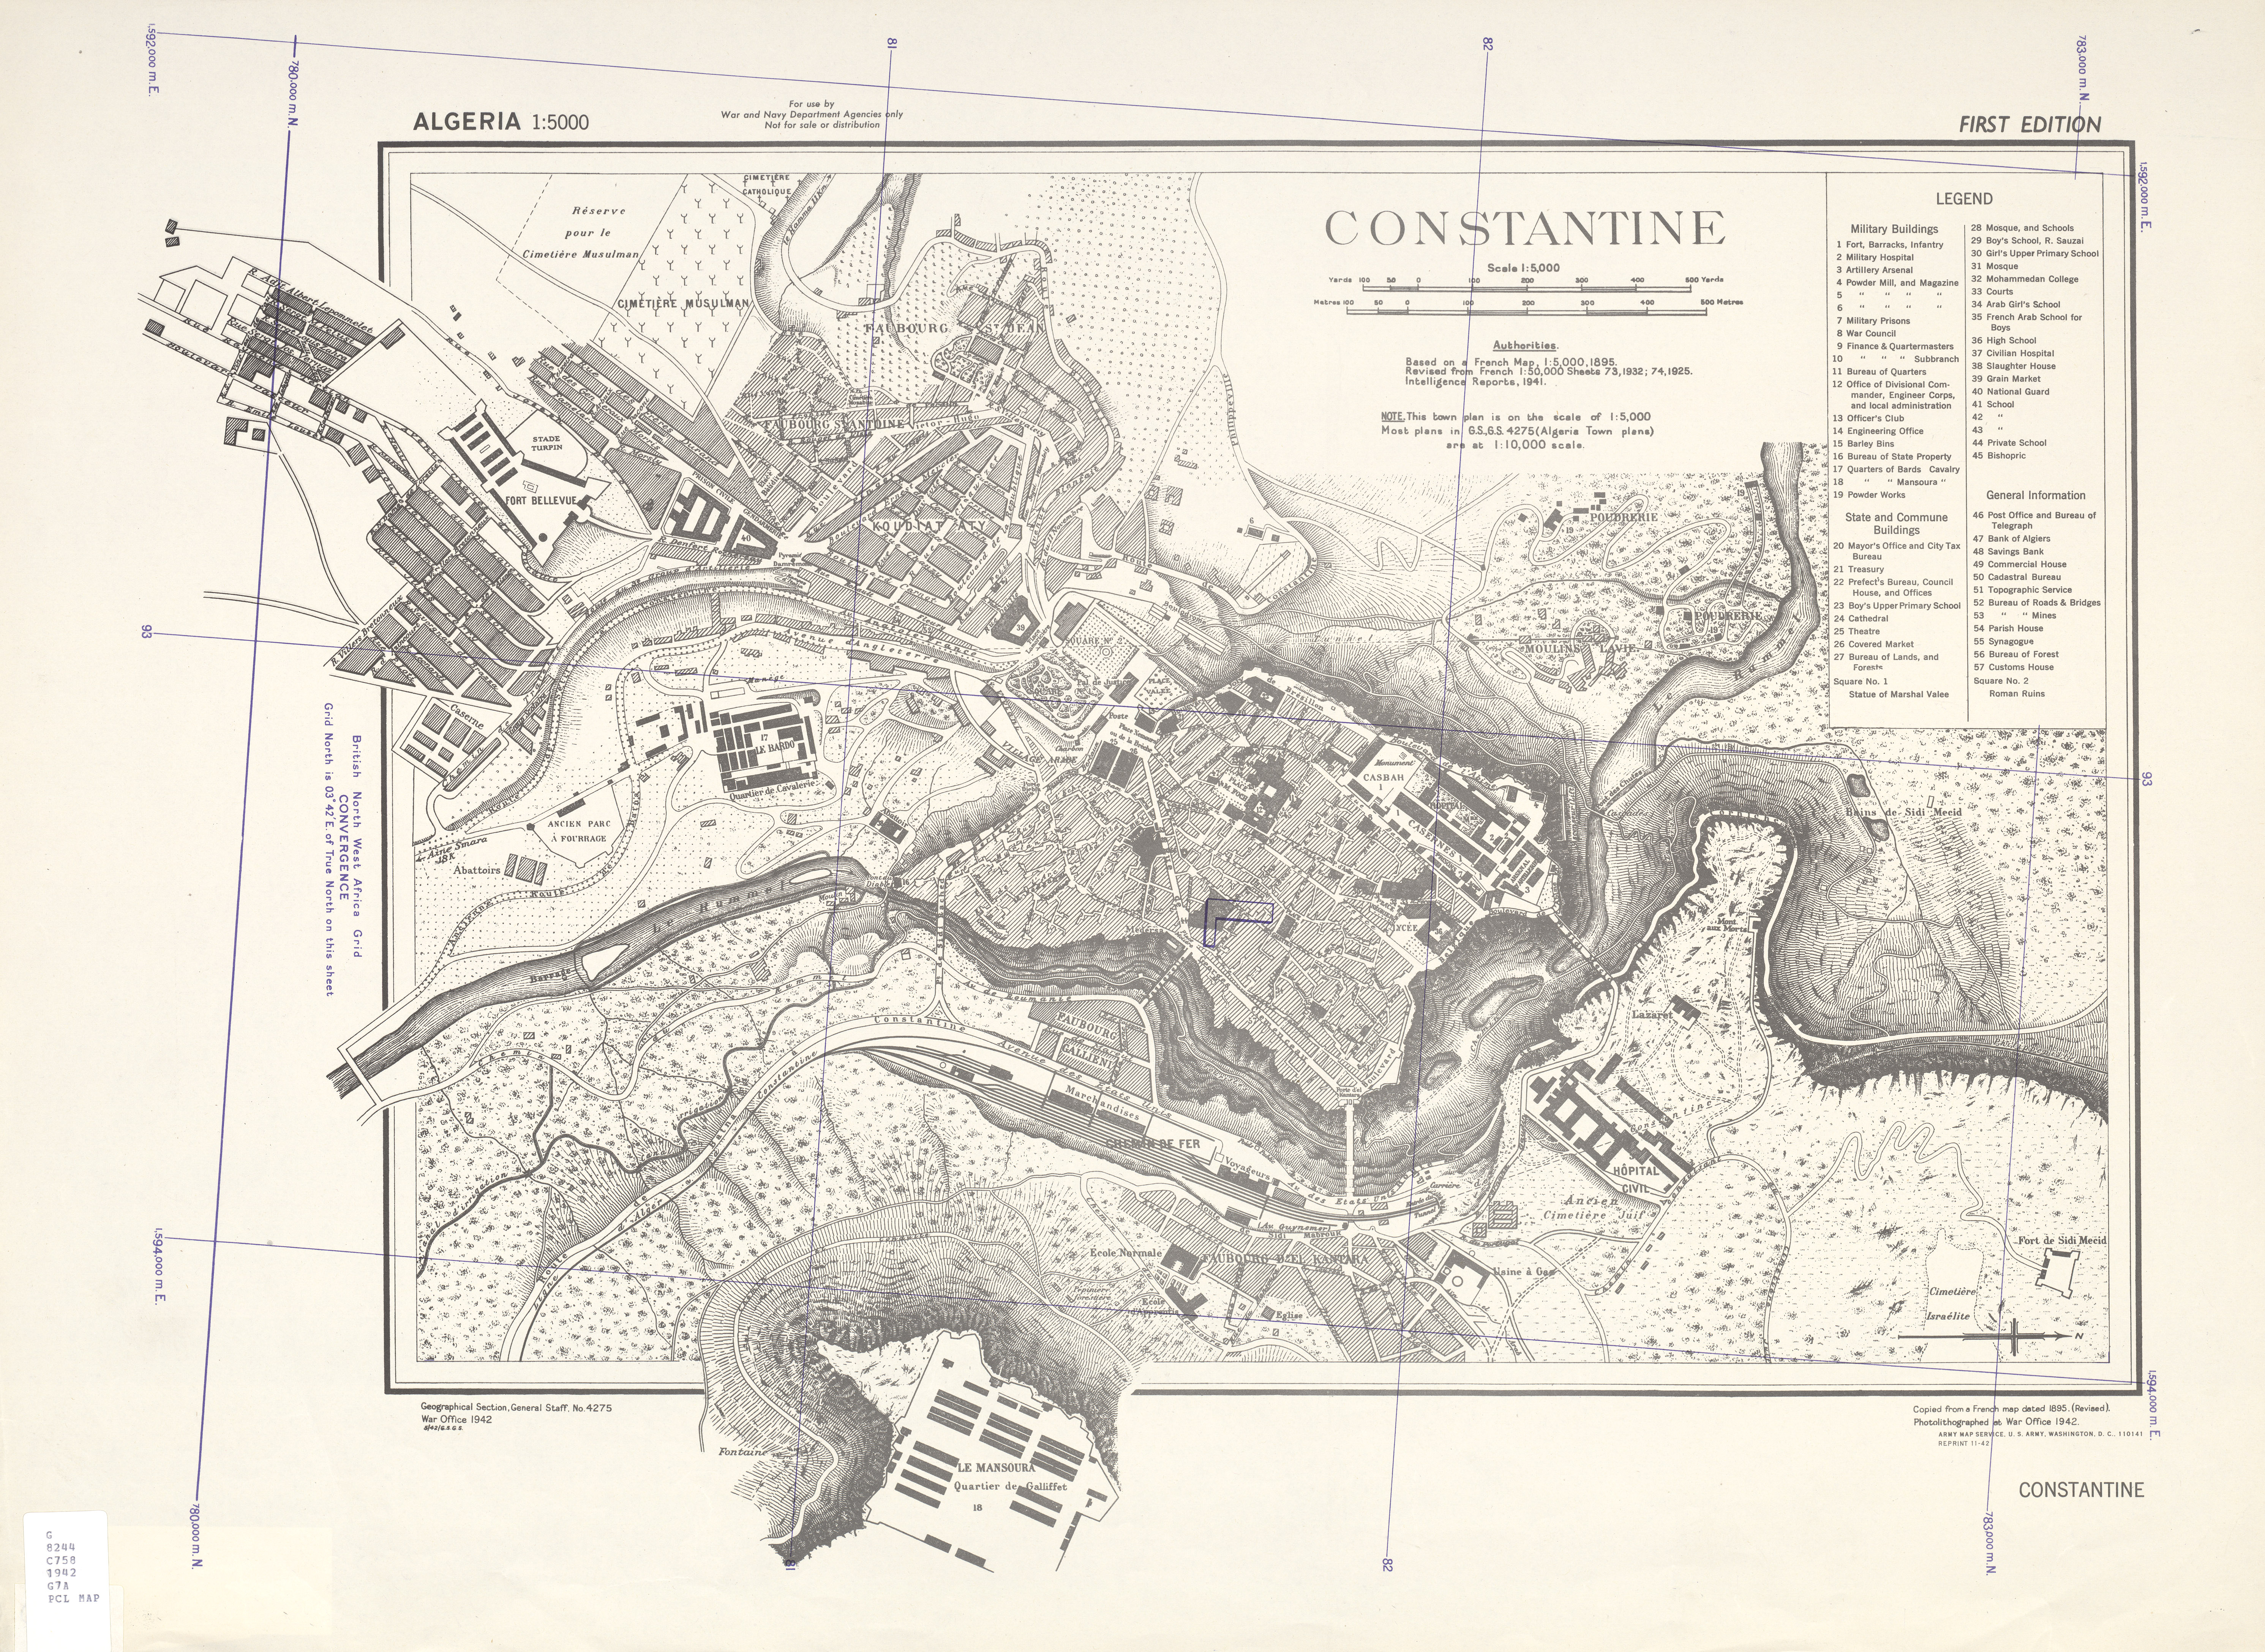 Mapa de la Ciudad de Constantine, Argelia 1942